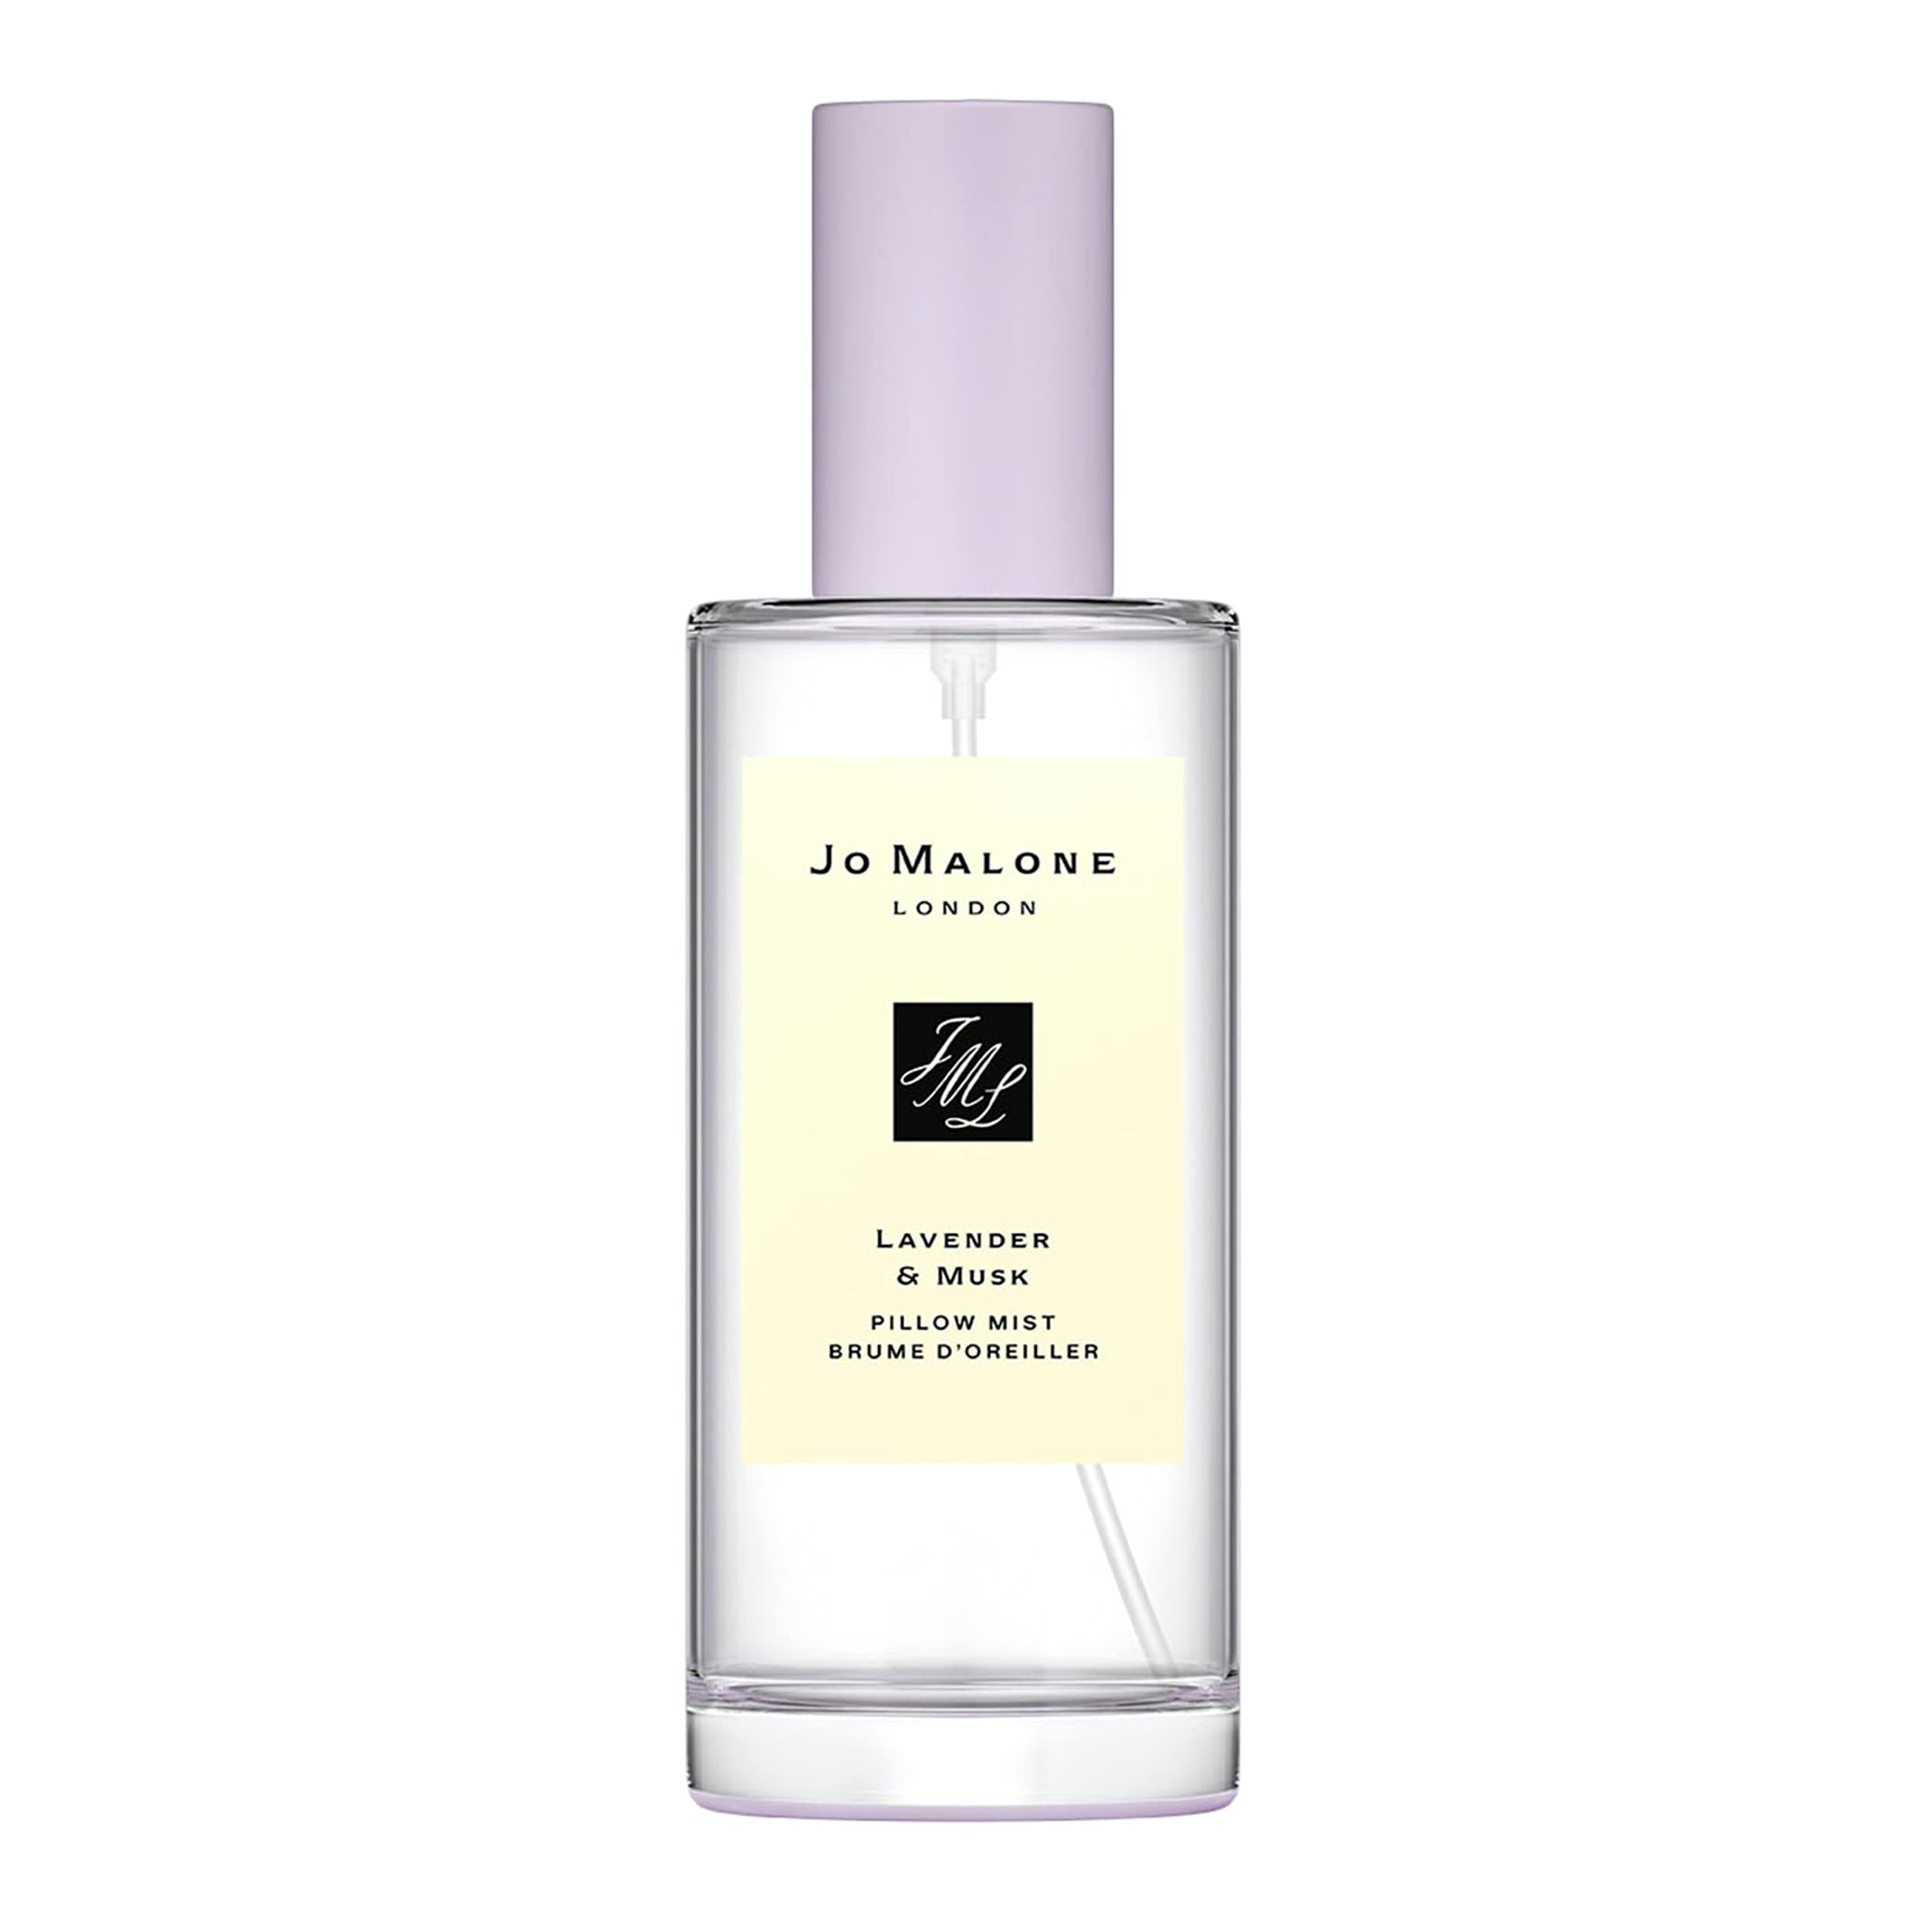 Jo Malone® London Lavender & Musk Pillow Mist